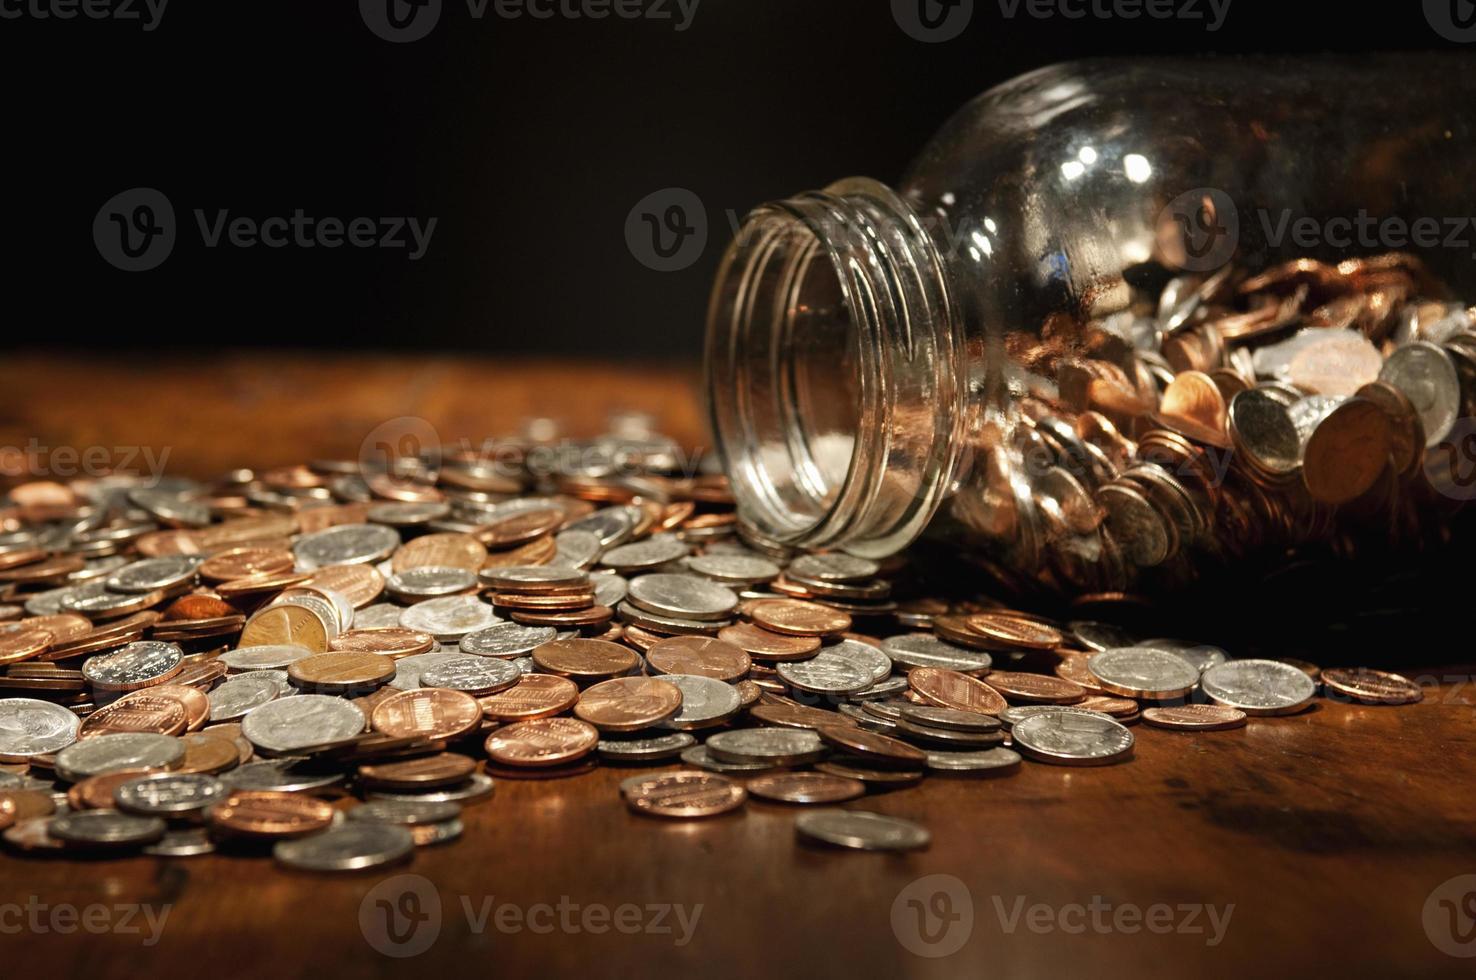 ons munten morsen uit grote glazen pot foto